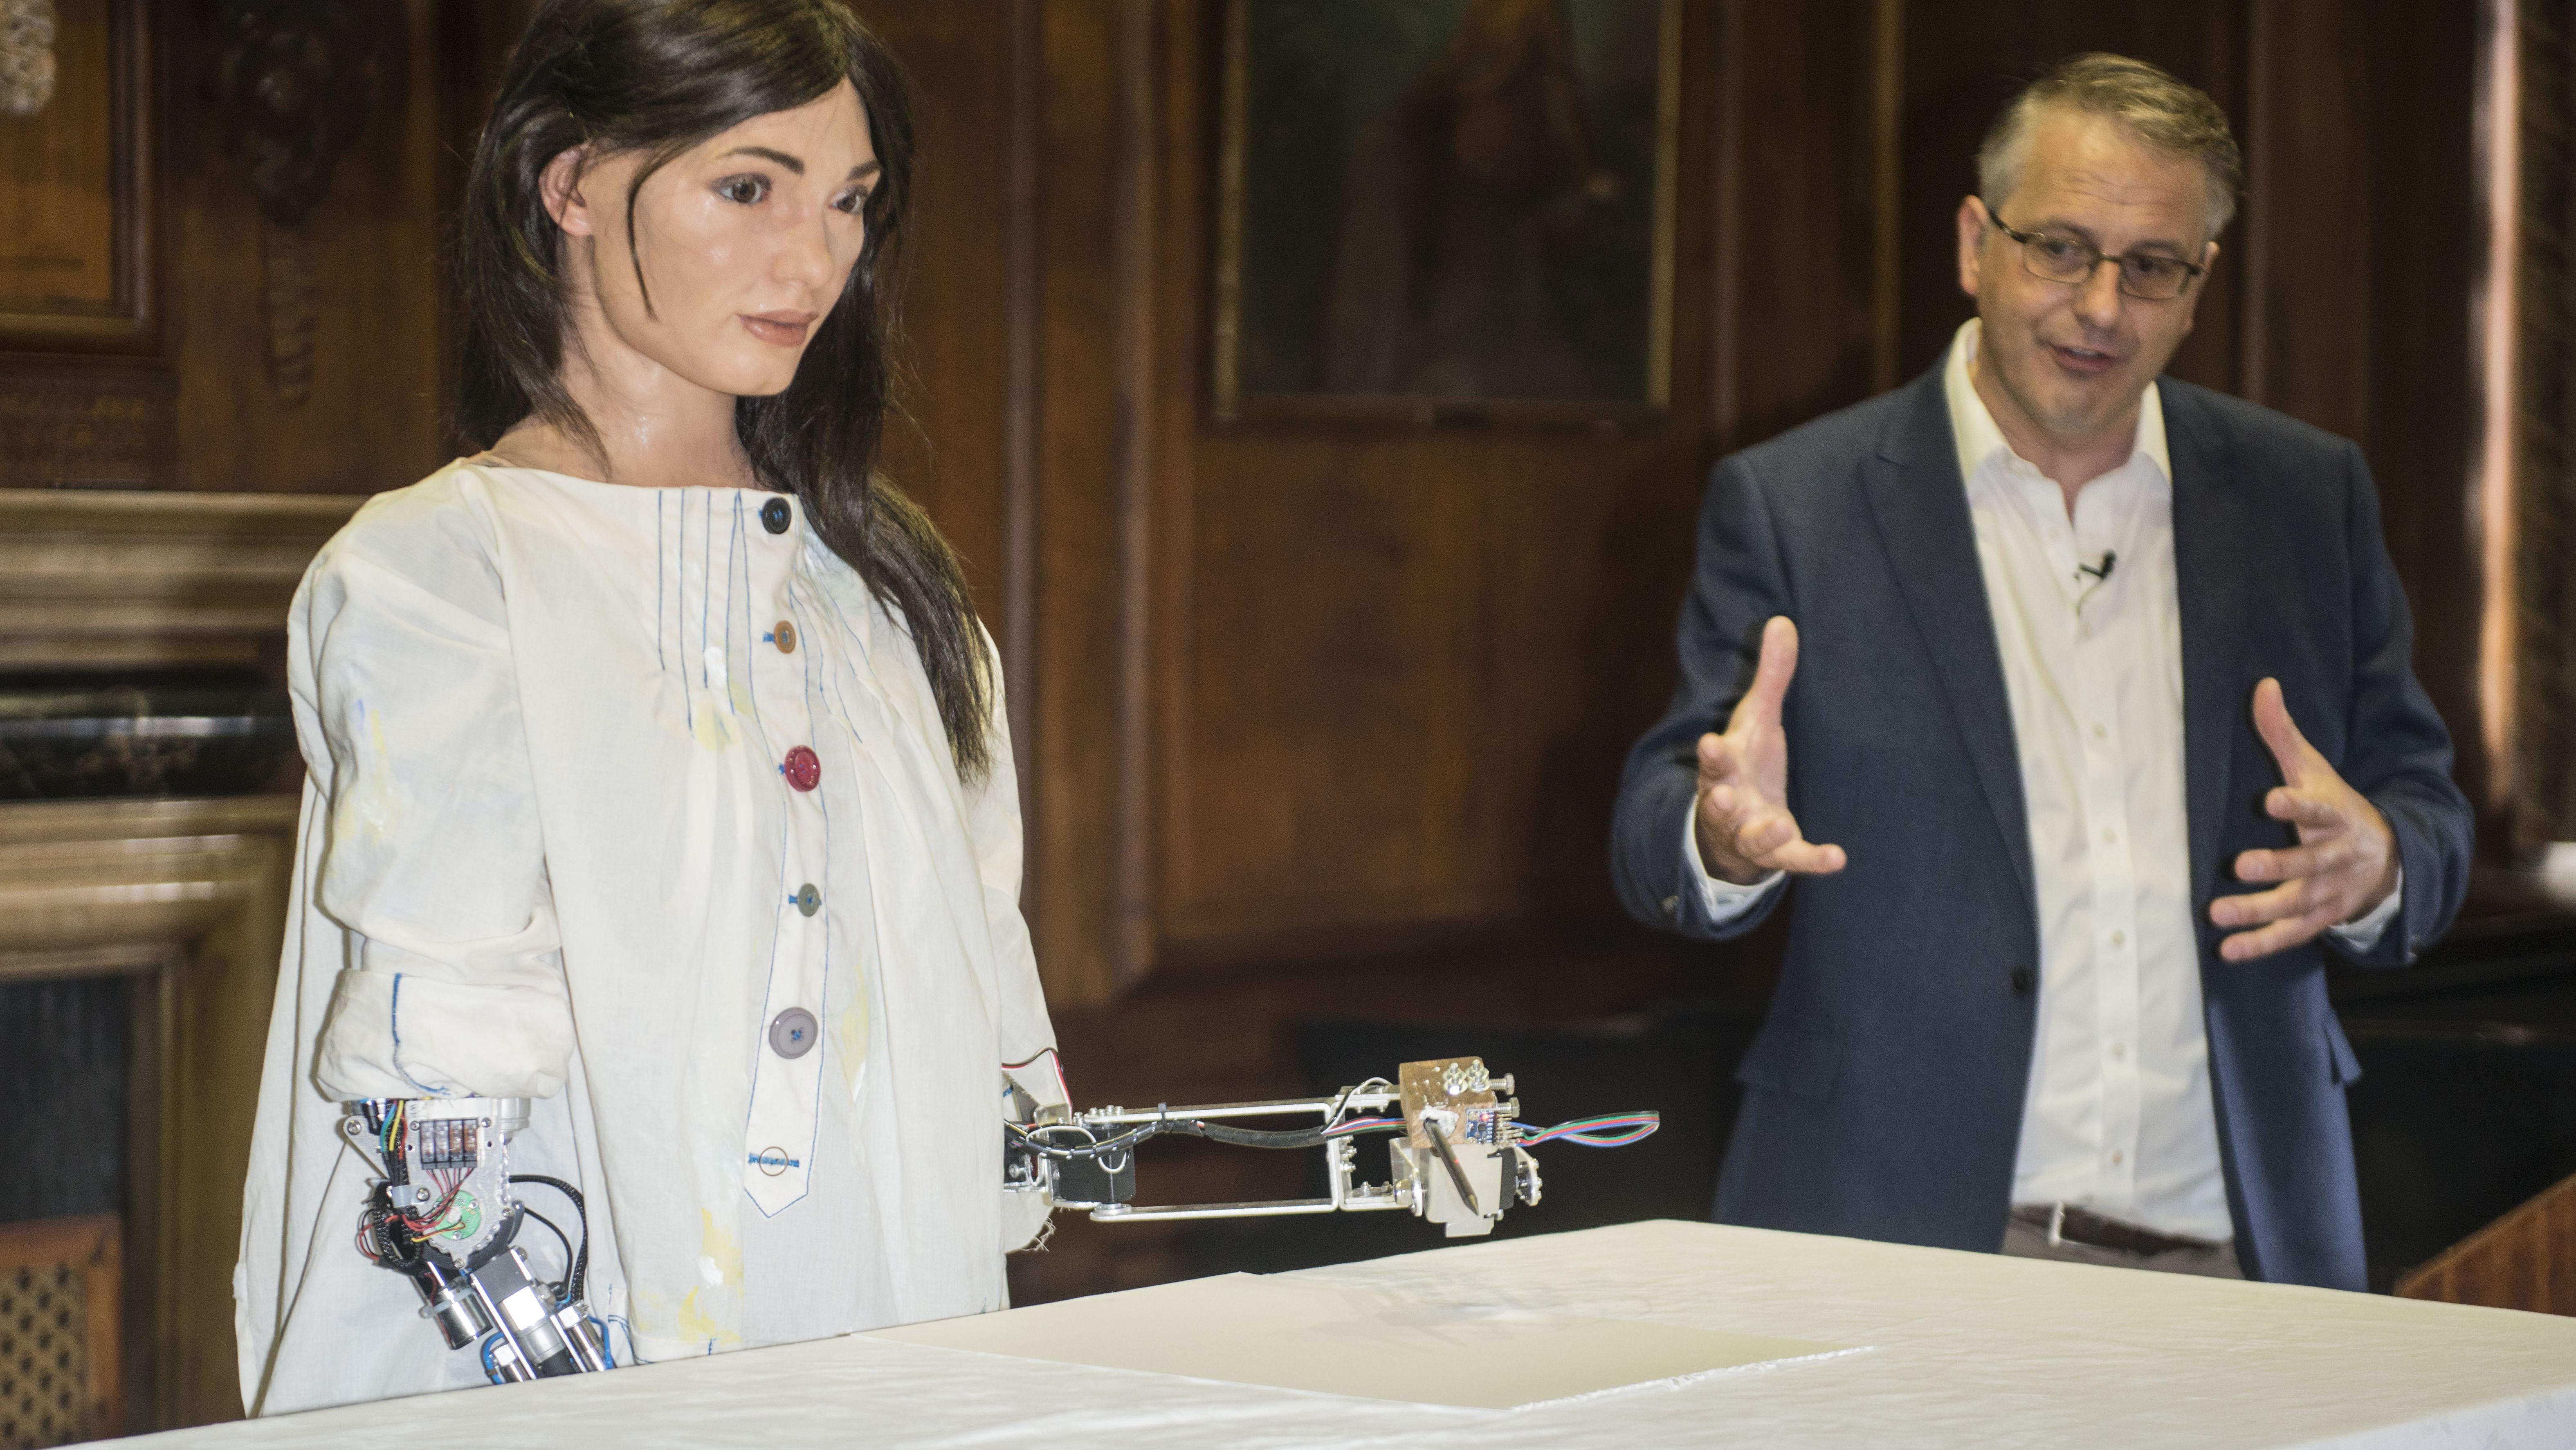 Die Roboter-Künstlerin Ai-Da bei ihrer Ausstellungseröffnung an der Oxford University am 12. Juni 2019.